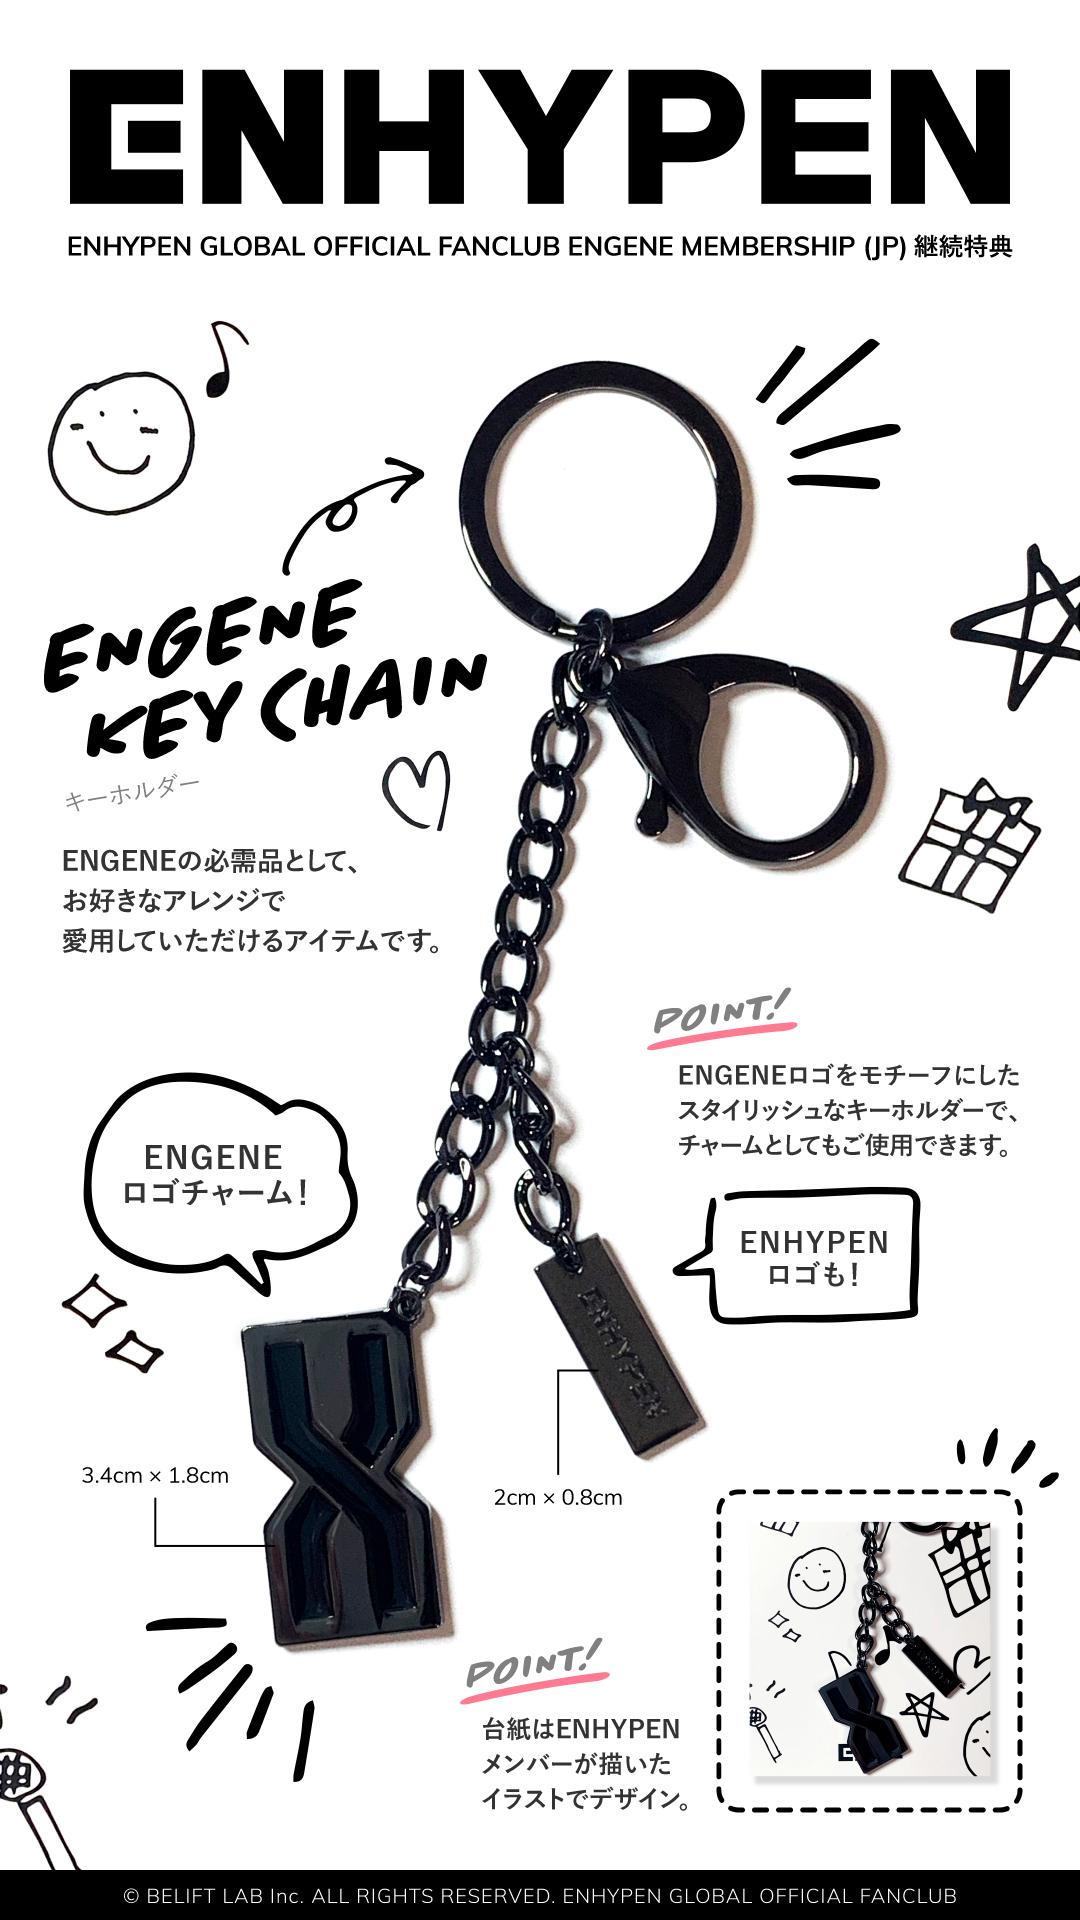 enhypen_keizoku_pr_0930